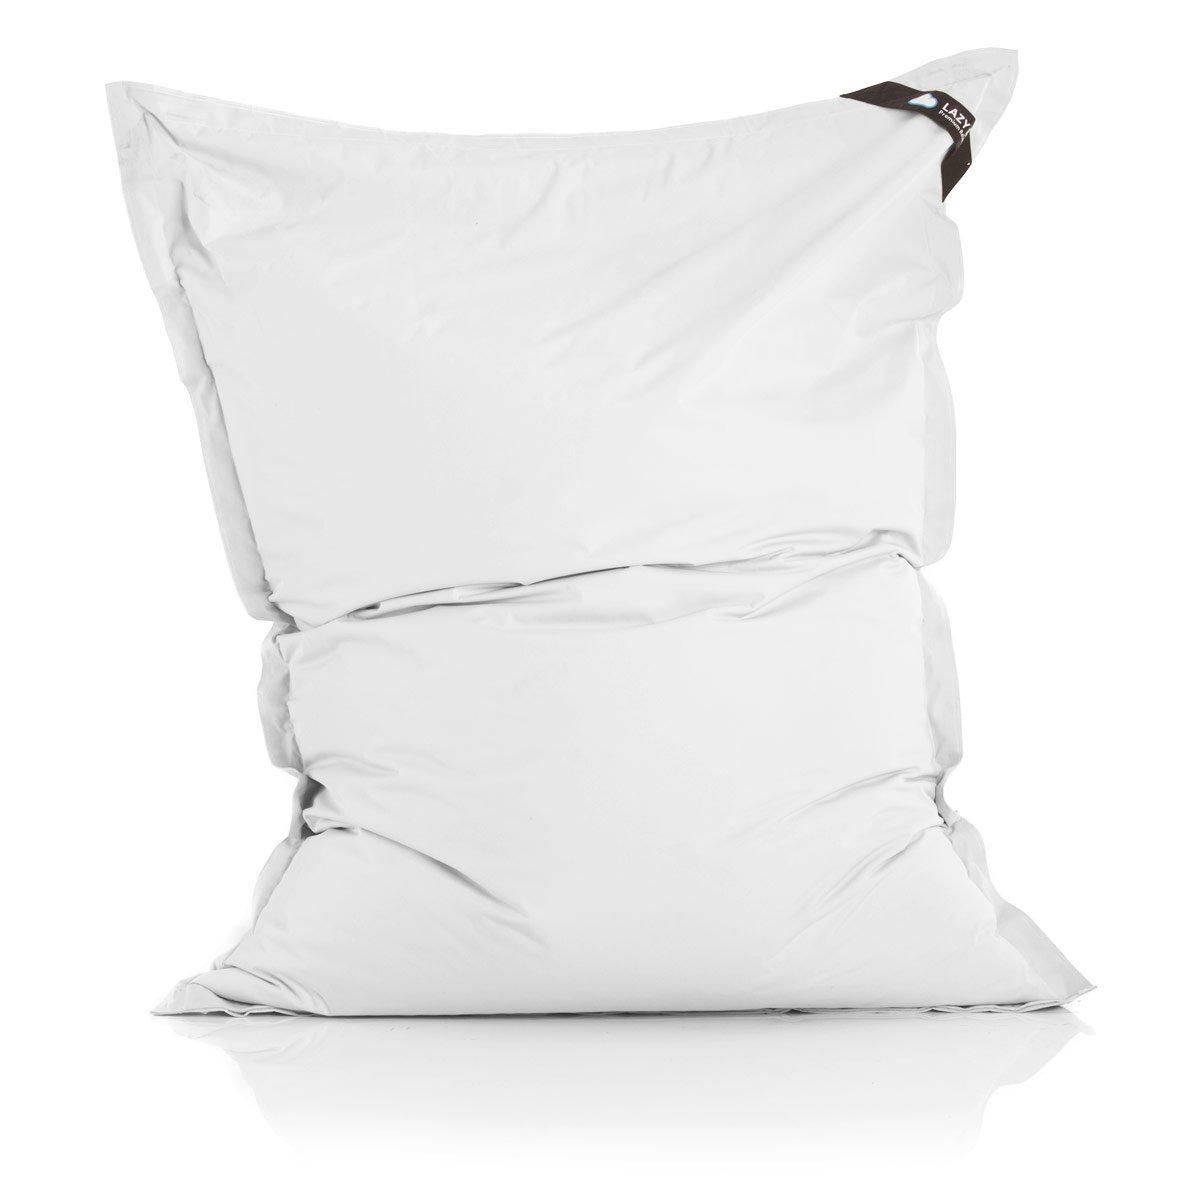 Nylon 180 x 140/cm imbottitura: 360 L Poltrona a sacco originale Lazy Bag per esterni dimensioni XXL grigio chiaro Nylon